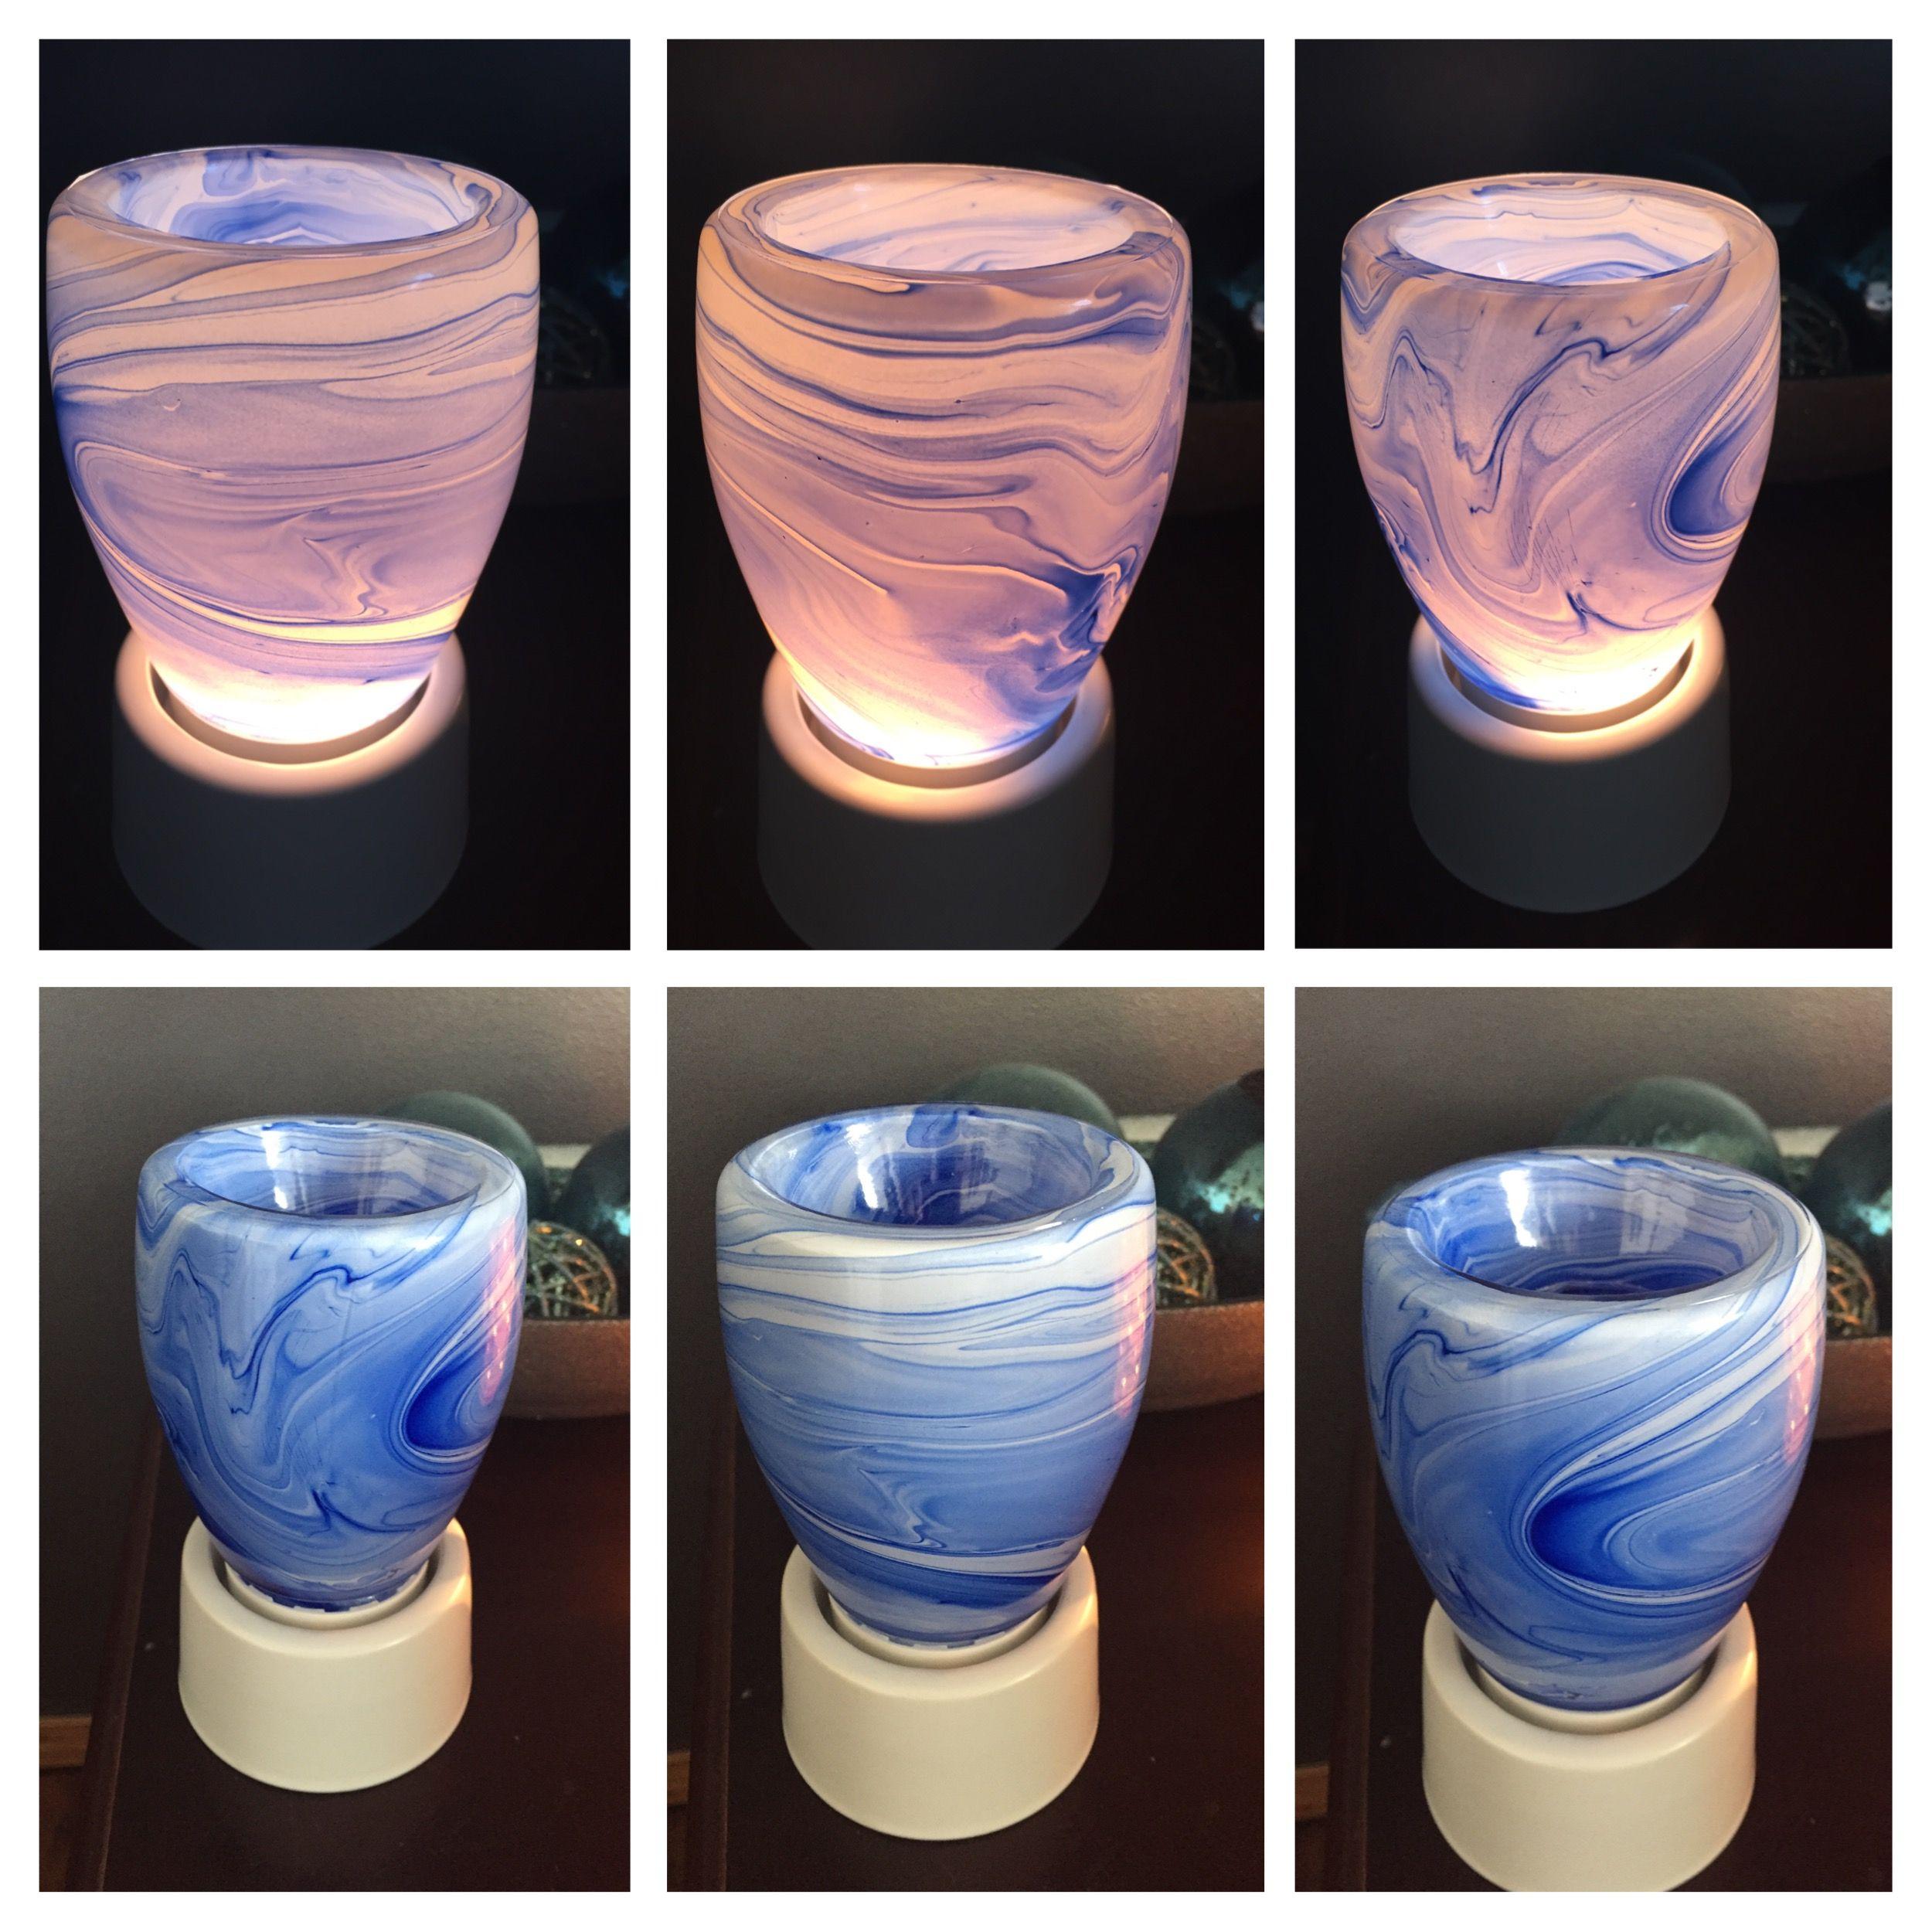 Scentsy Blue Watercolor Mini Night Light Plug-in Warmer